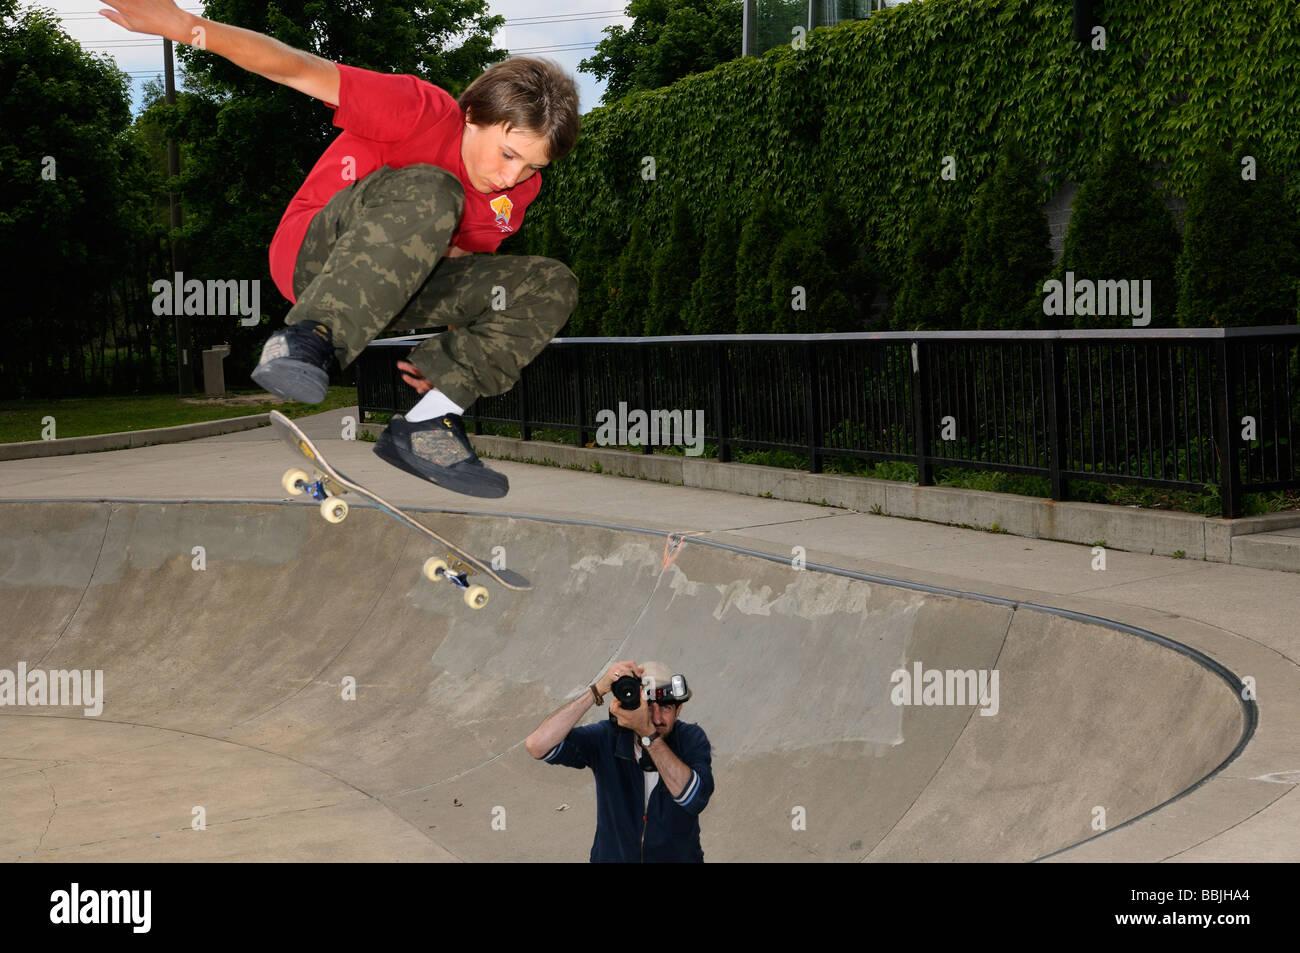 Ragazzo giovane airborne su uno skateboard al di sopra di un recipiente di calcestruzzo in un esterno di Toronto Immagini Stock